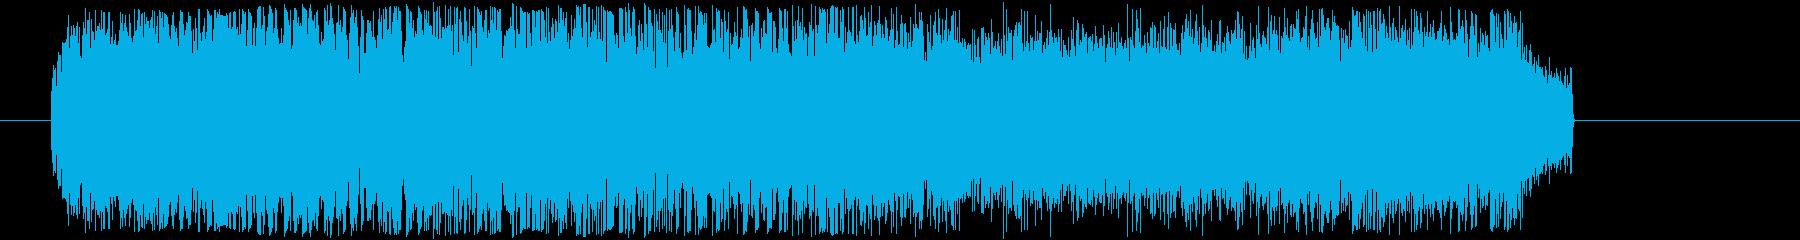 エレクトロ_ハイクオリティージングル_7の再生済みの波形